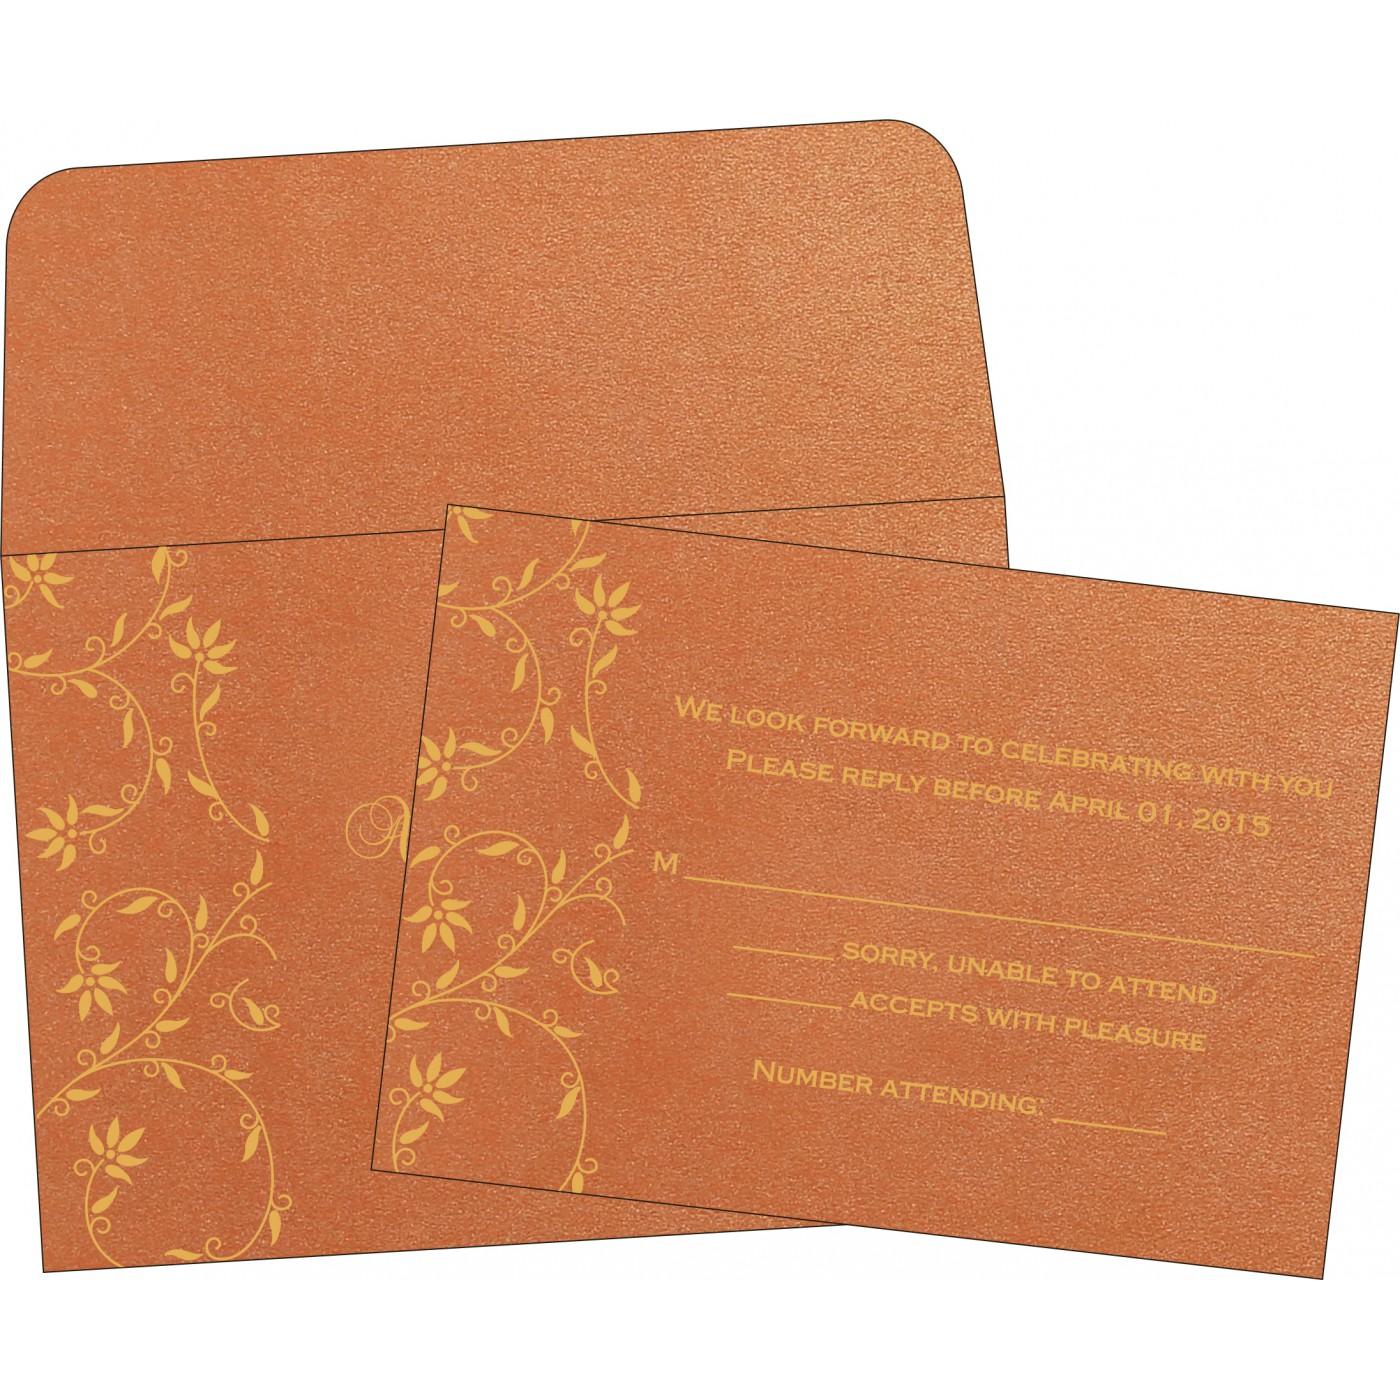 RSVP Cards - RSVP-8226E